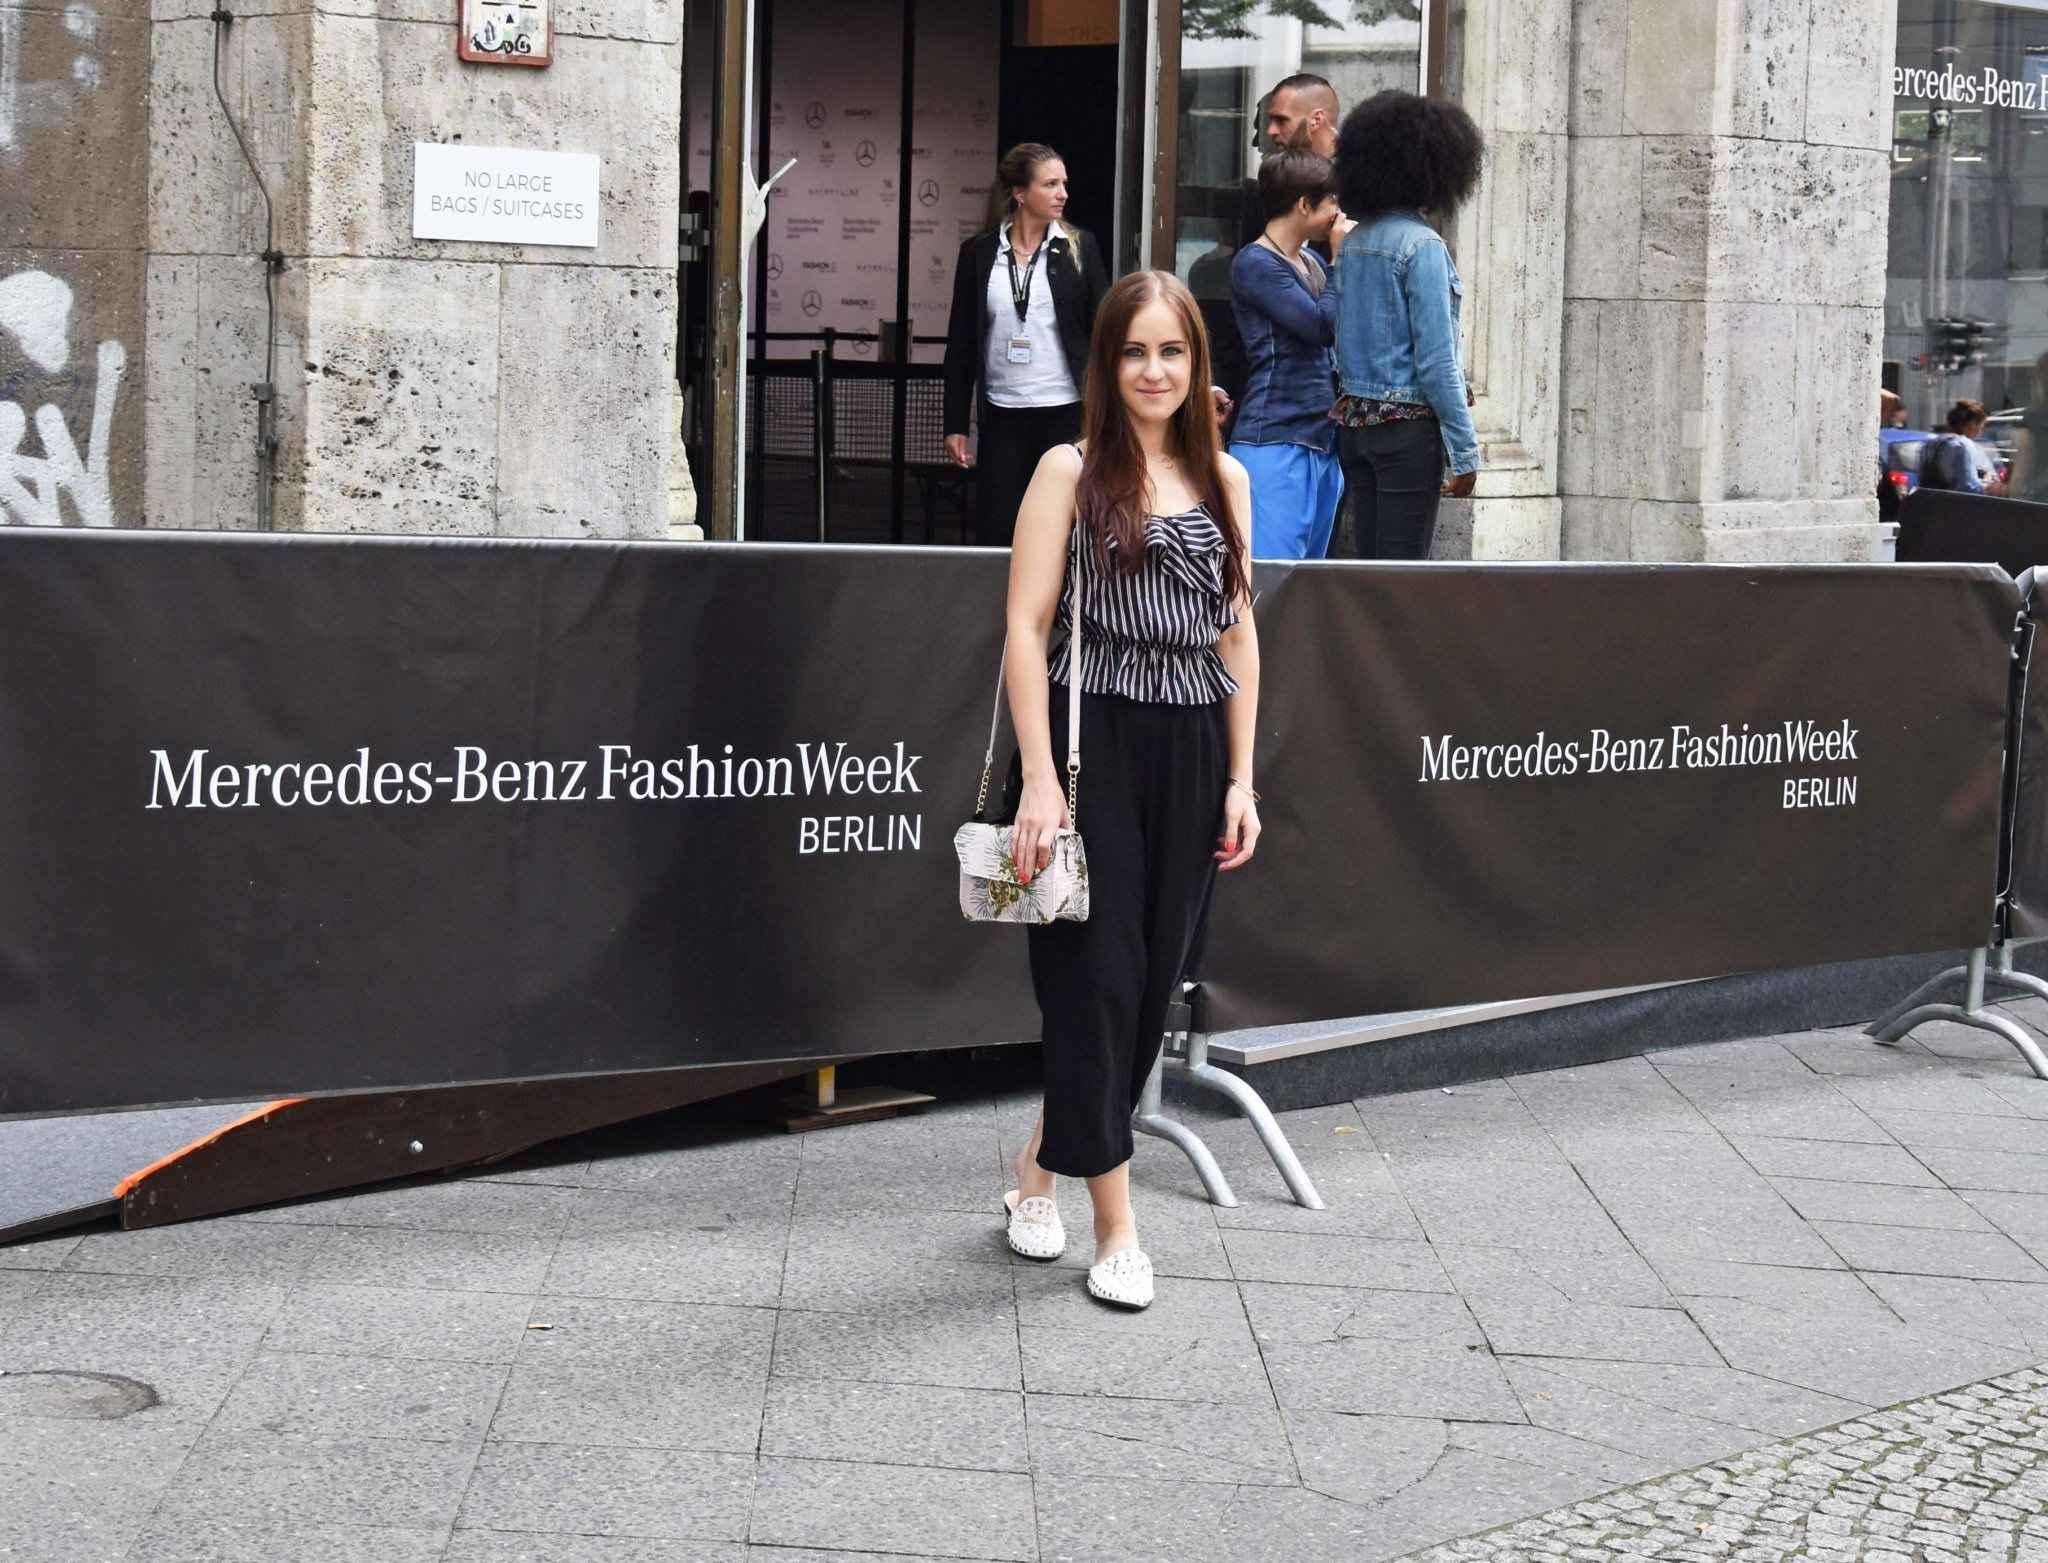 Streetstyle Fashion Week Berlin